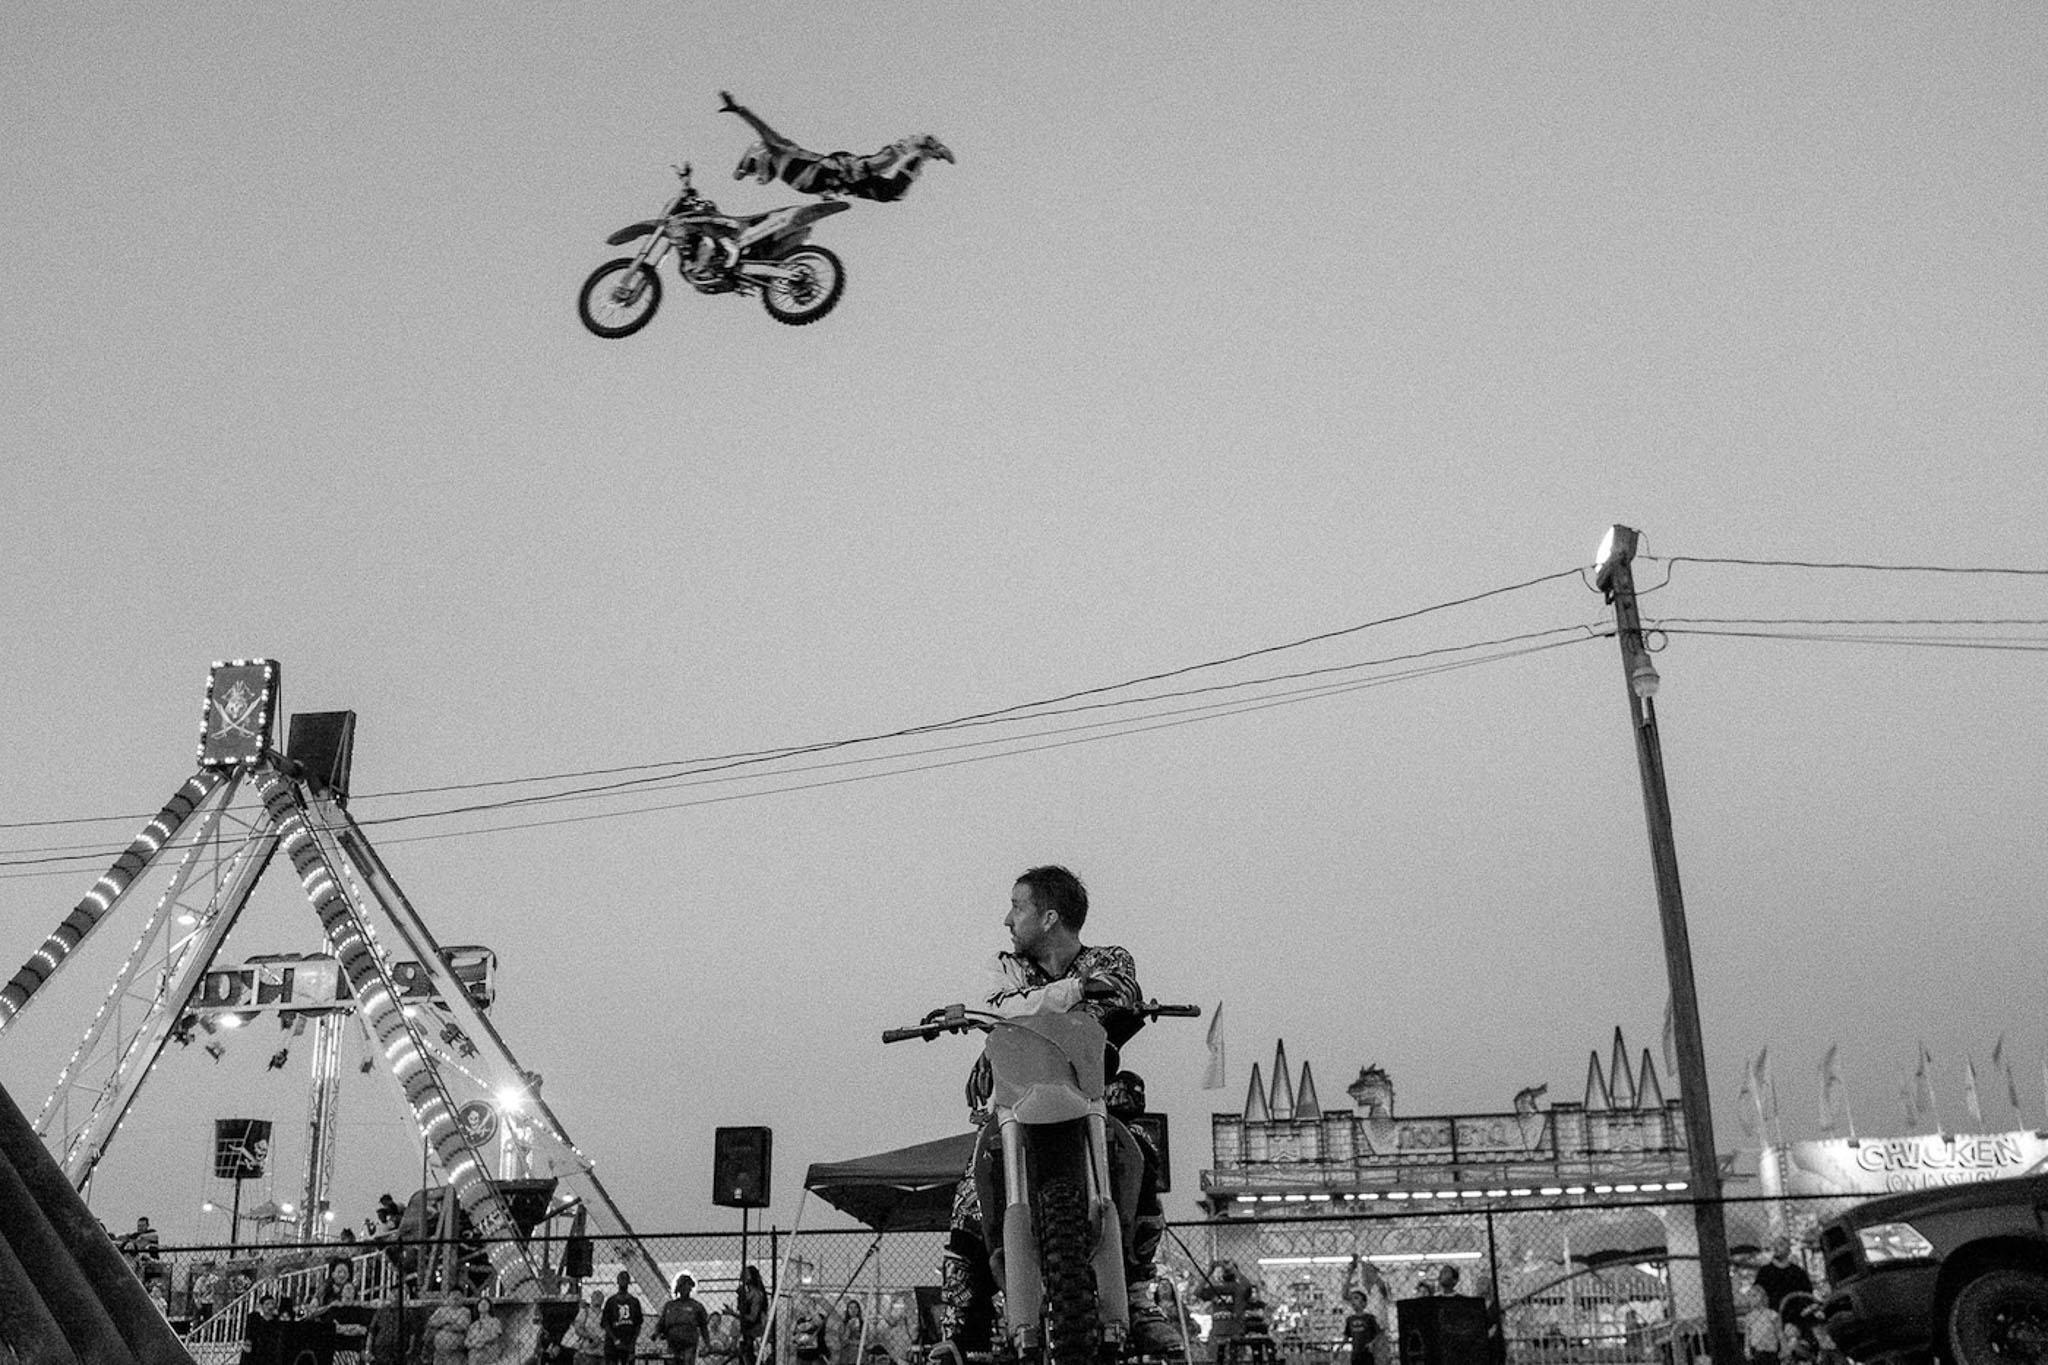 Letící motokrosař